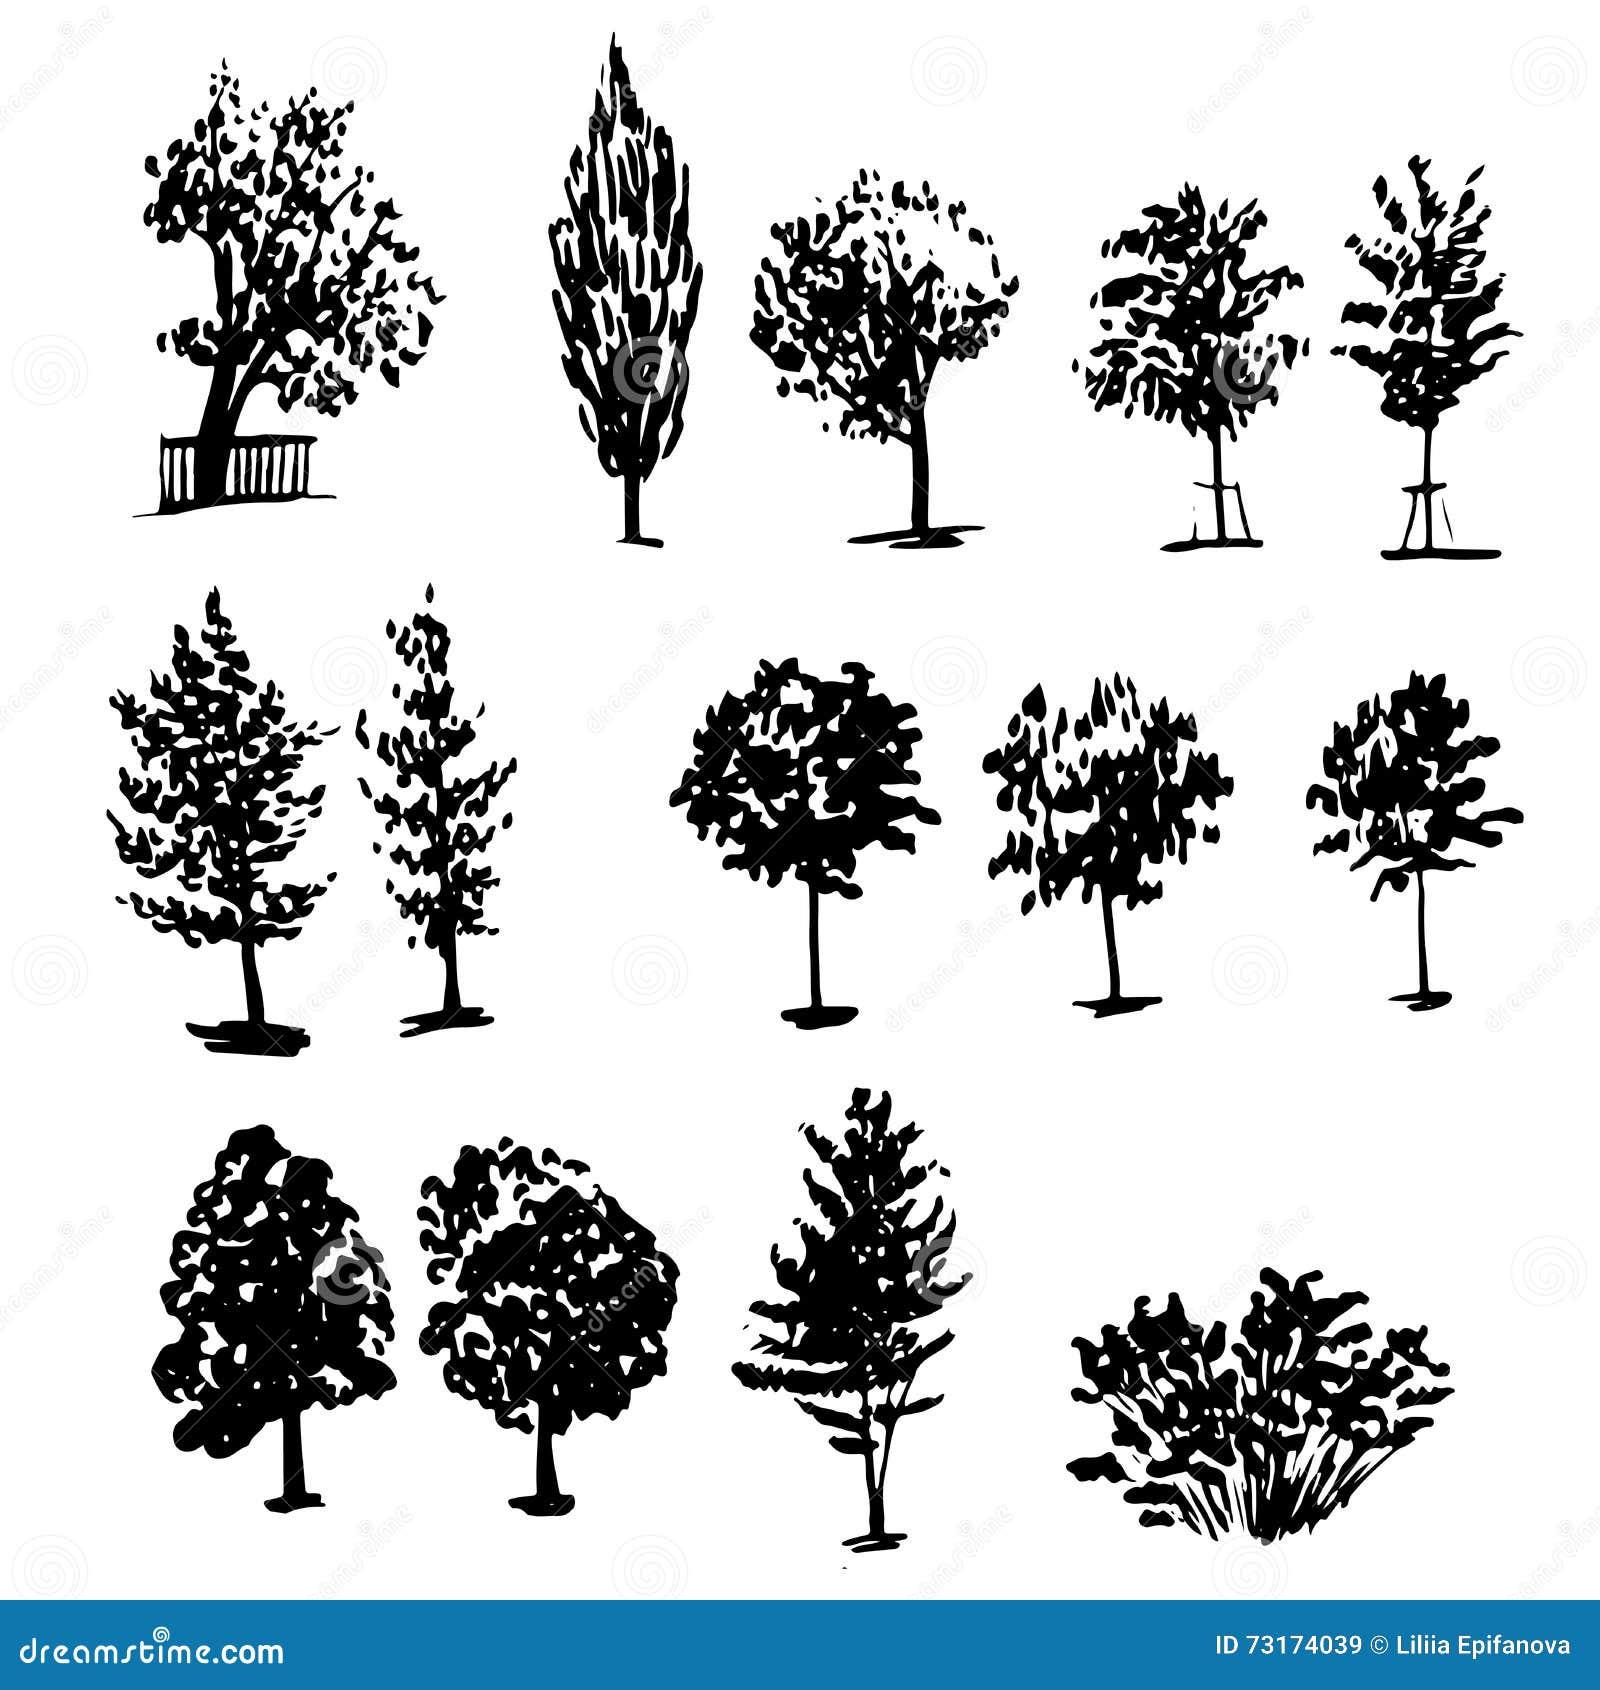 Les types collectiondifferent de dessin d 39 arbres encrent l - Croquis arbre ...